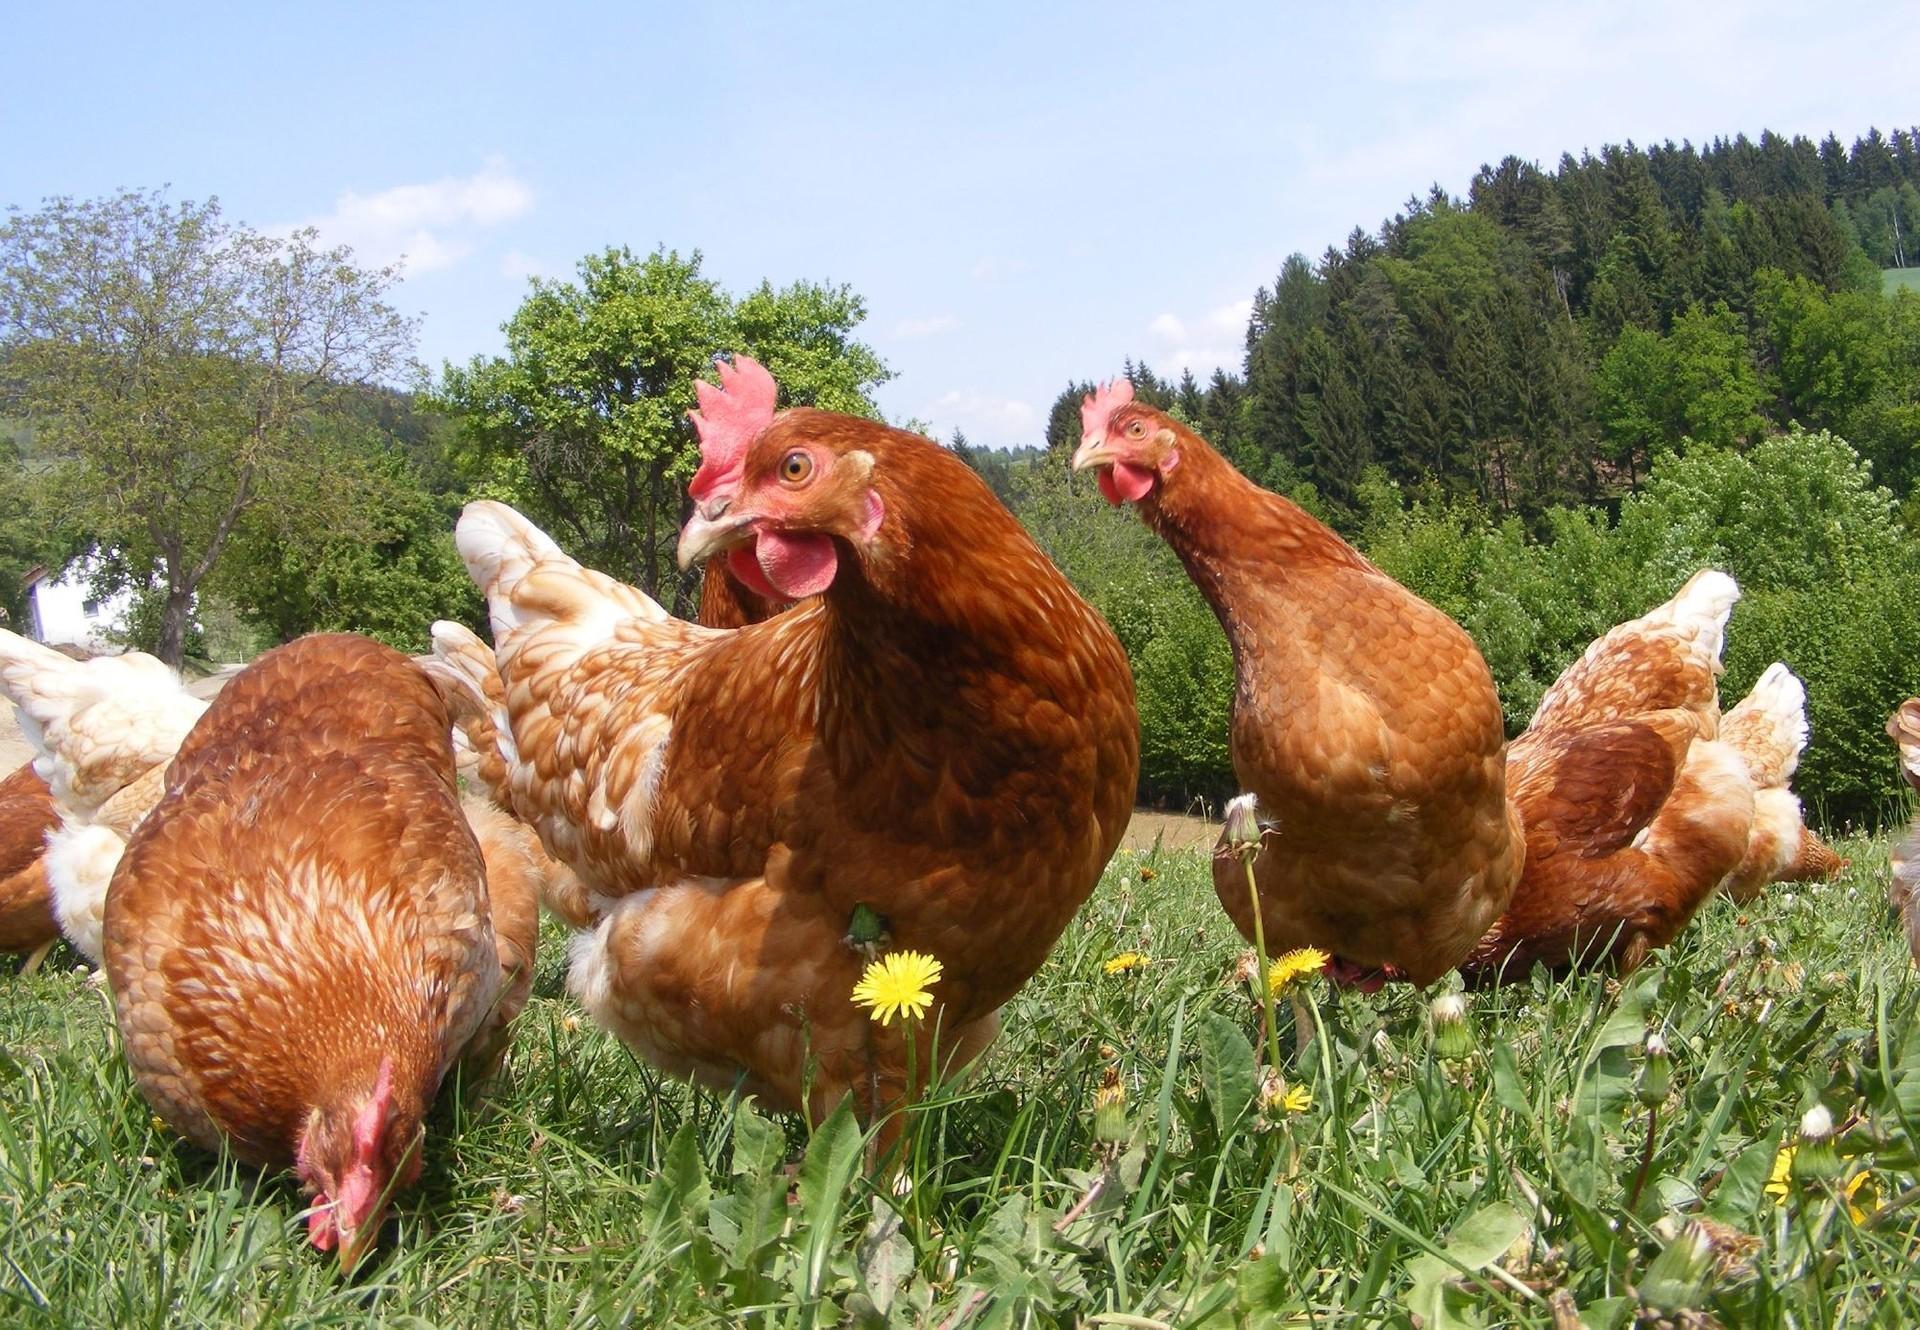 Freilandhühner auf einer grünen Wiese